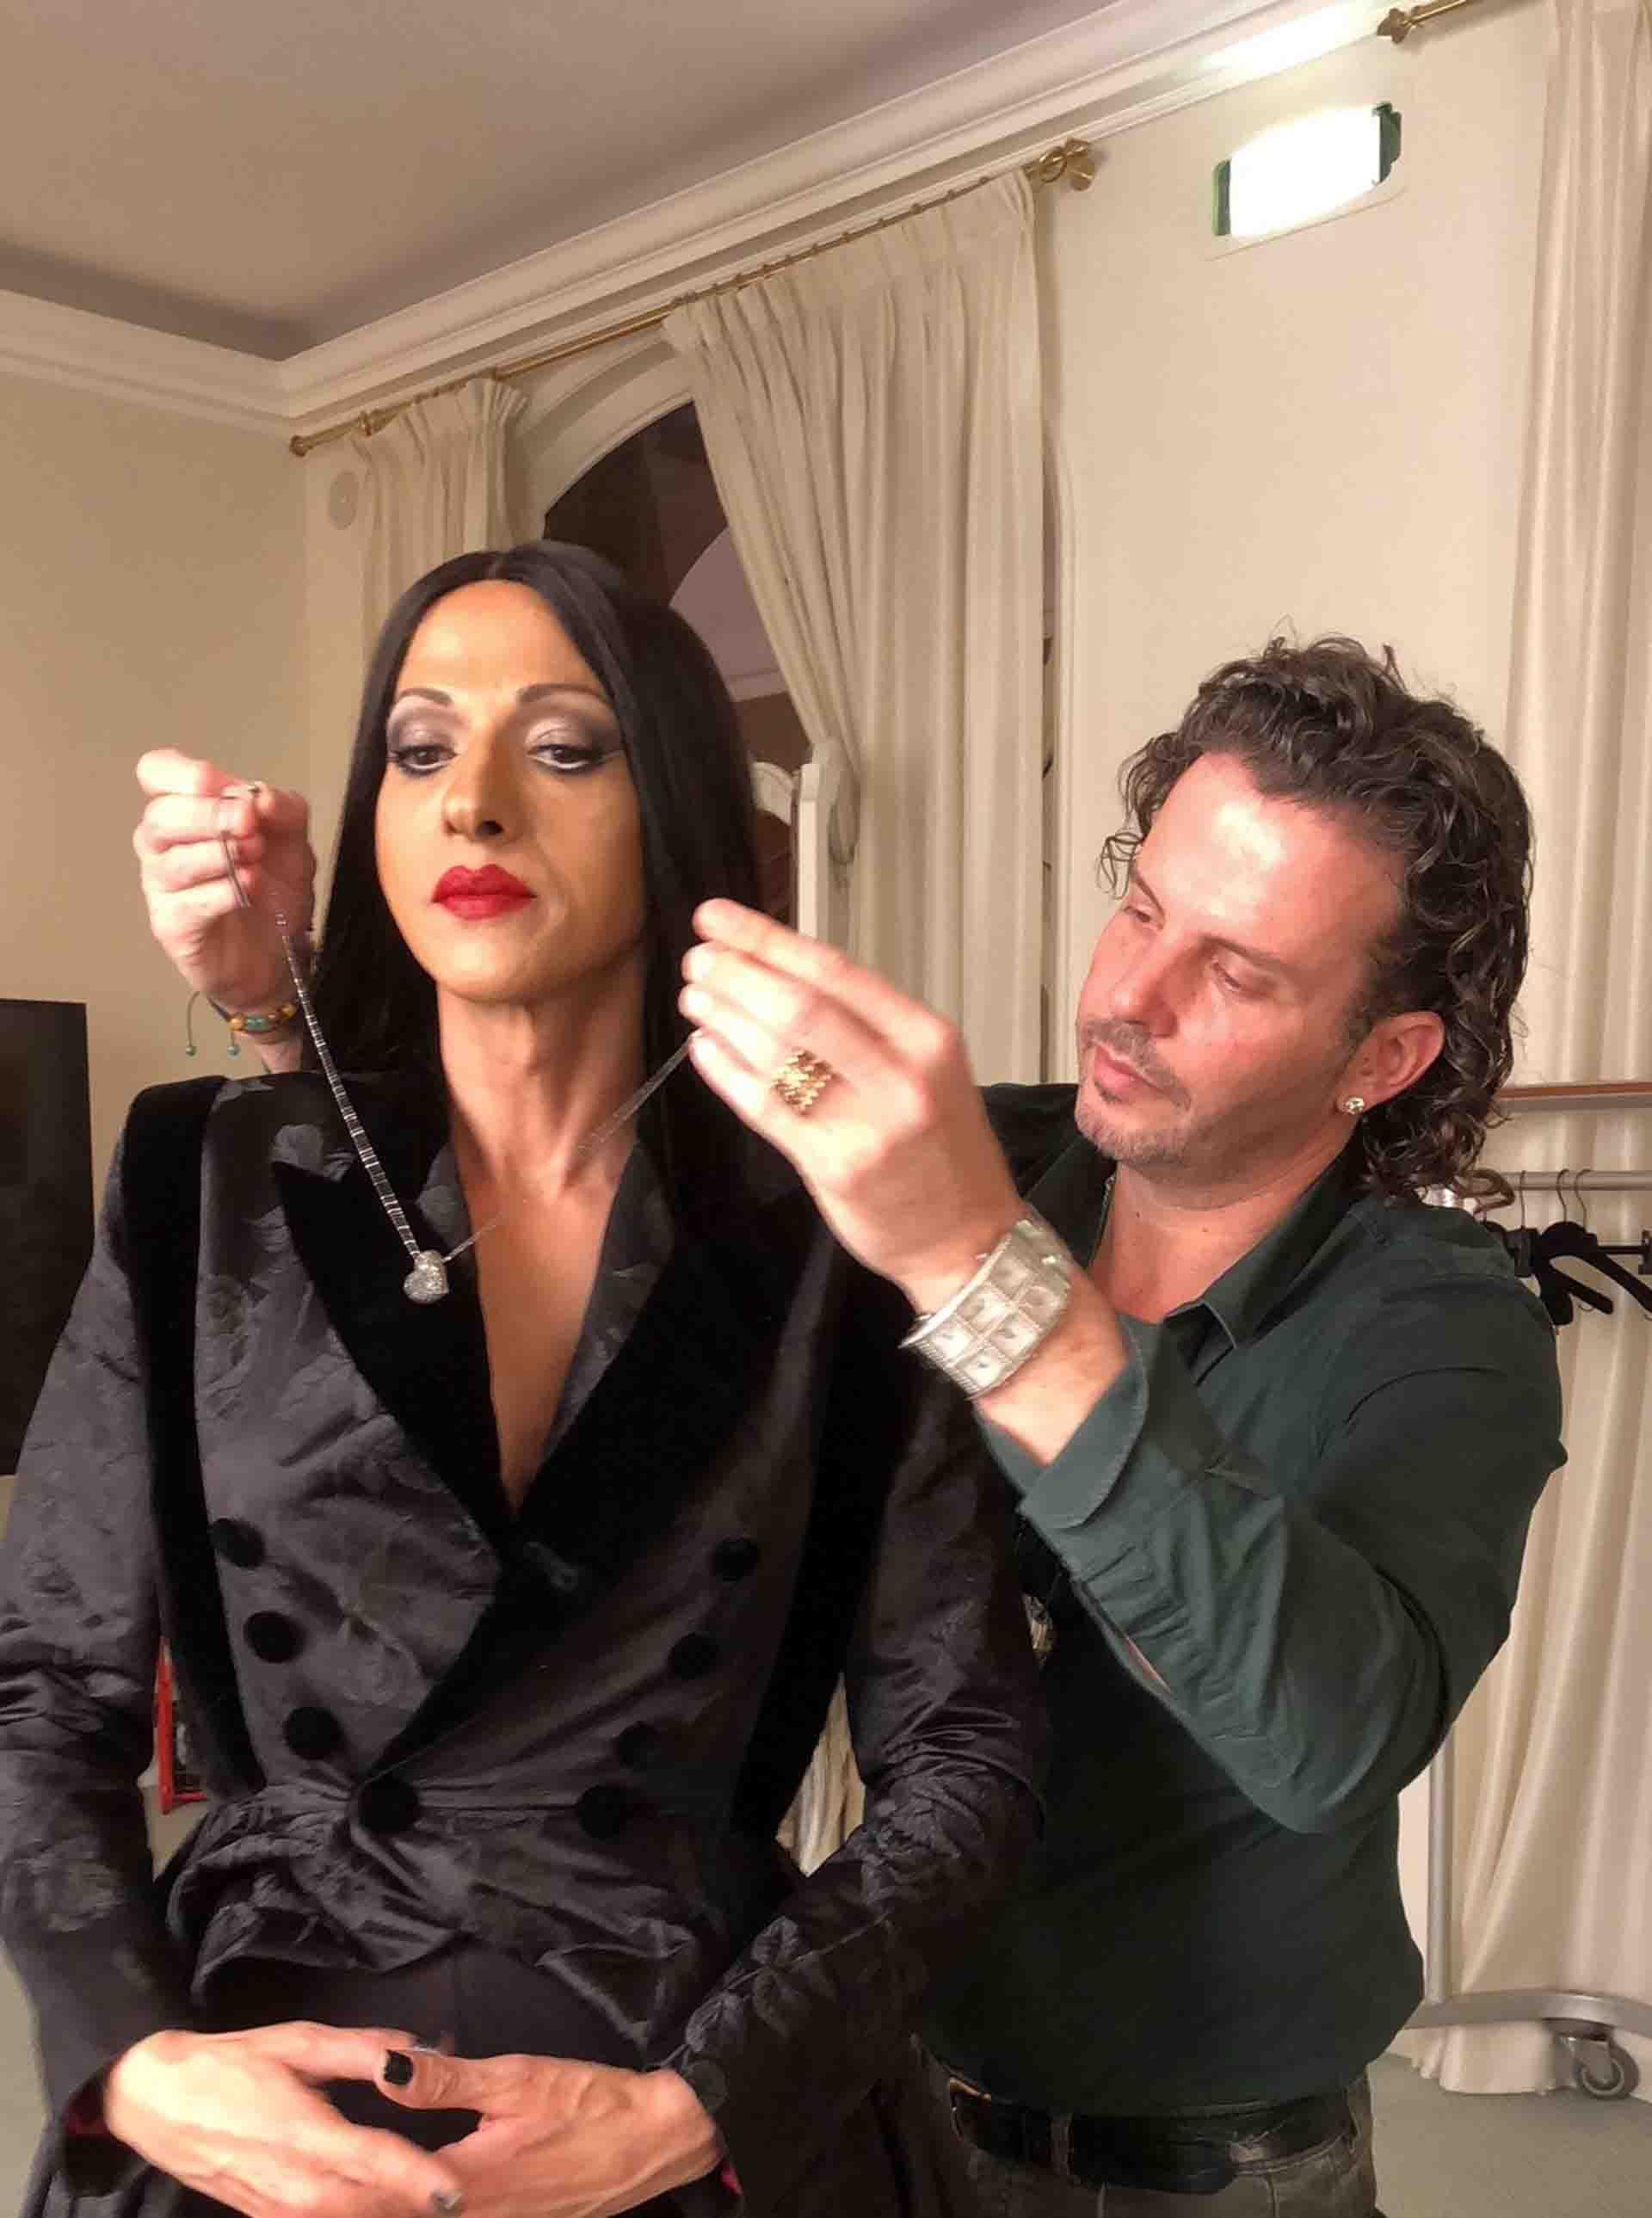 אירוויזיון 2019 גיל נויהאוס עם דנה אינטרנשיונל, צילום יחצ - 1